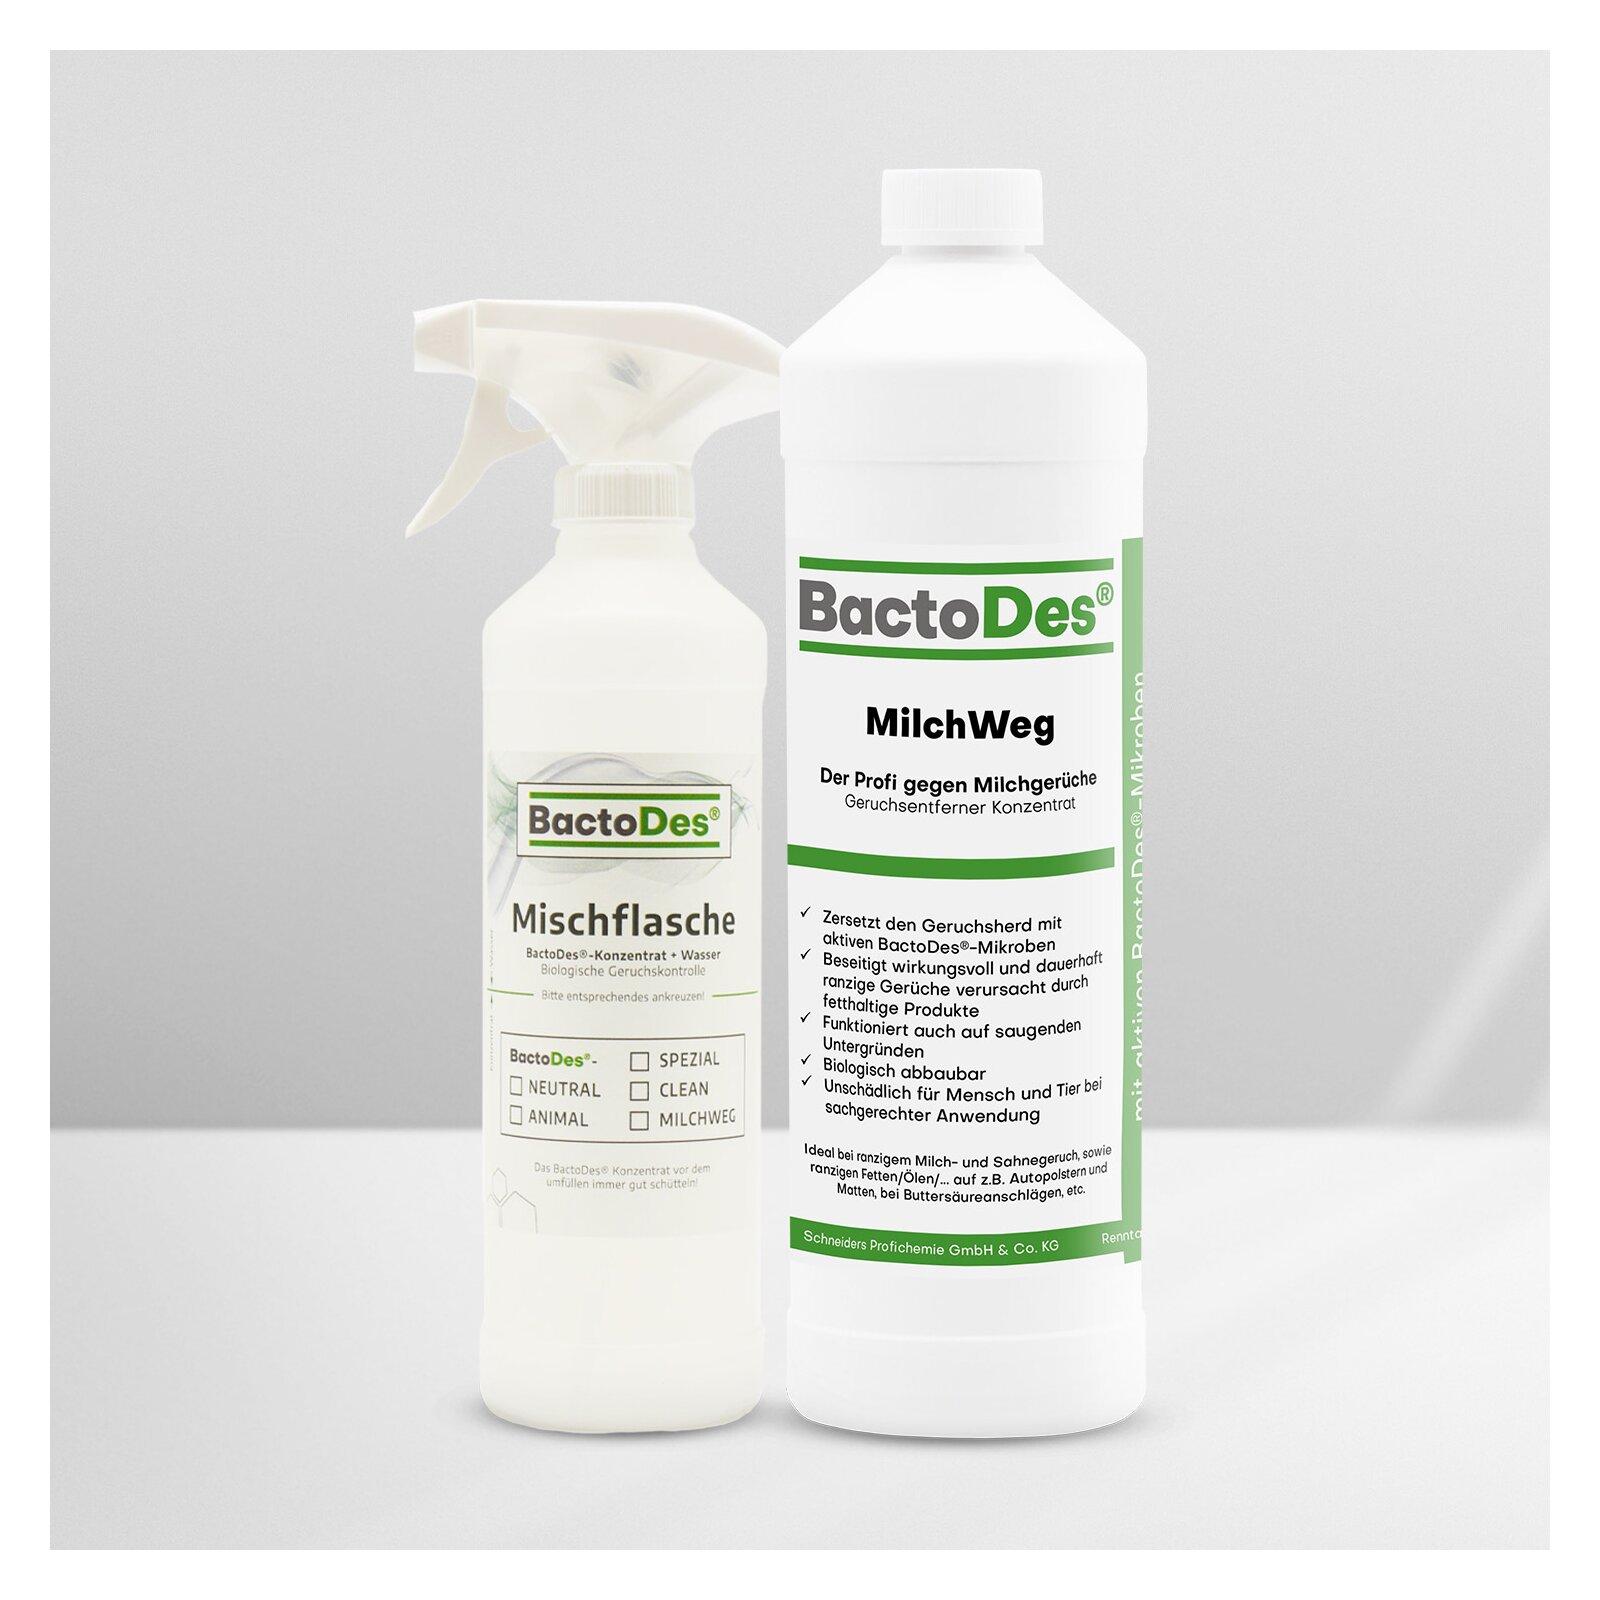 Bactodesand-milchweg Milchgeruch Und Buttersäure Neutralisierer Incl. 1 Misch- Und Sprühflasche